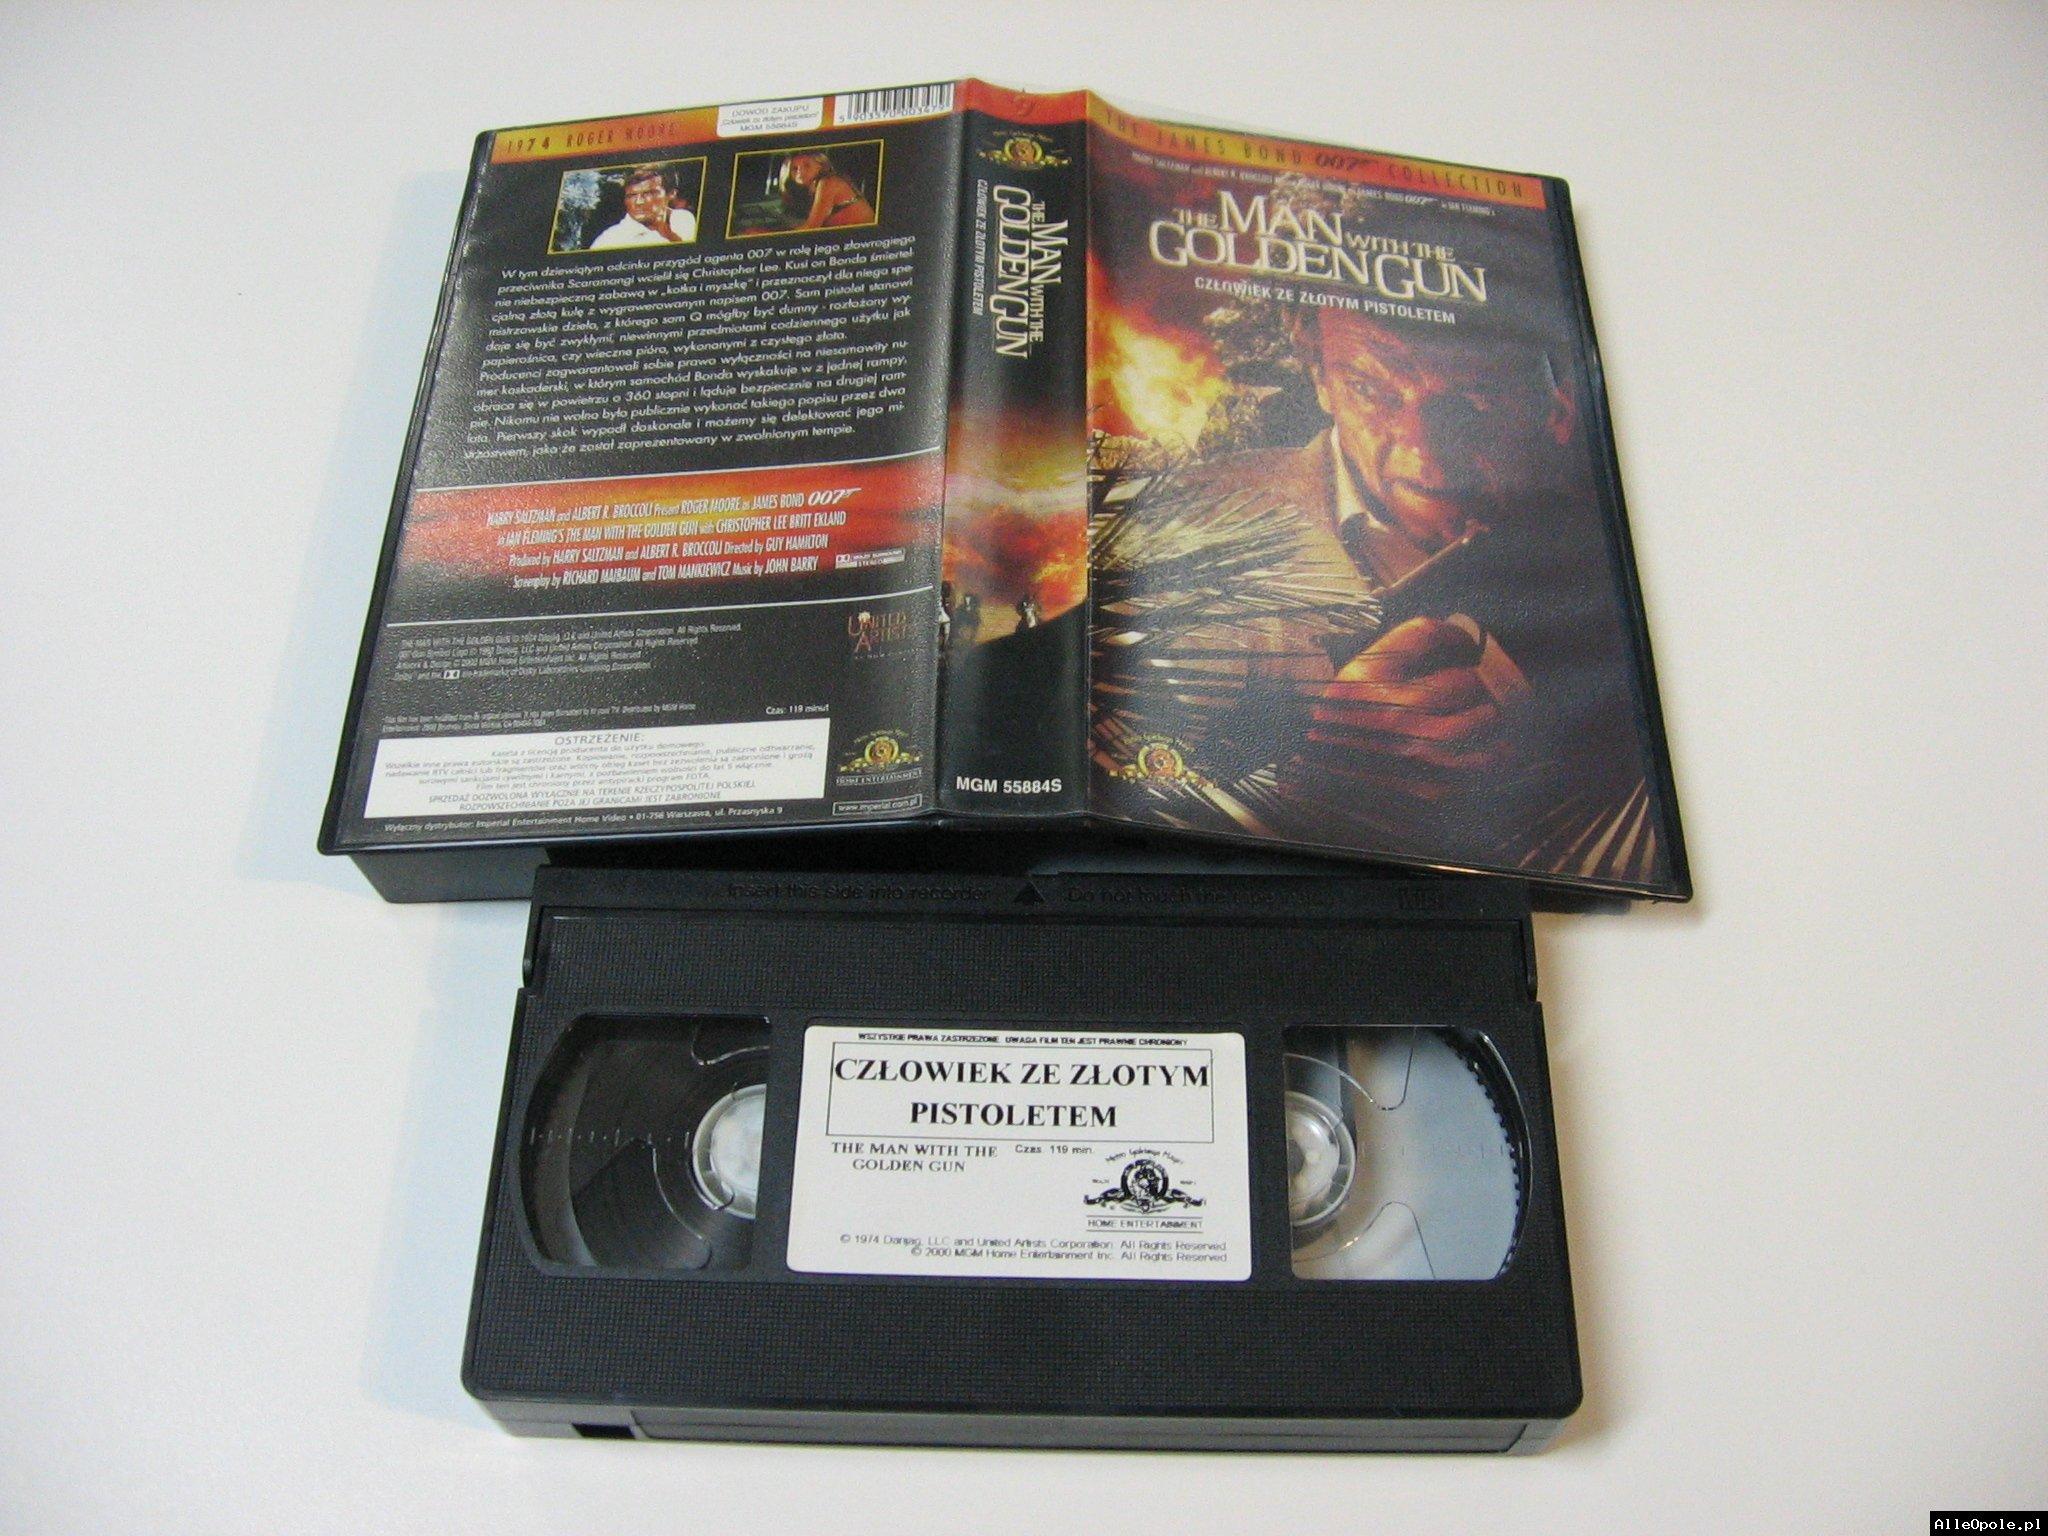 007 CZŁOWIEK ZE ZŁOTYM PISTOLETEM - VHS Kaseta Video - Opole 1725